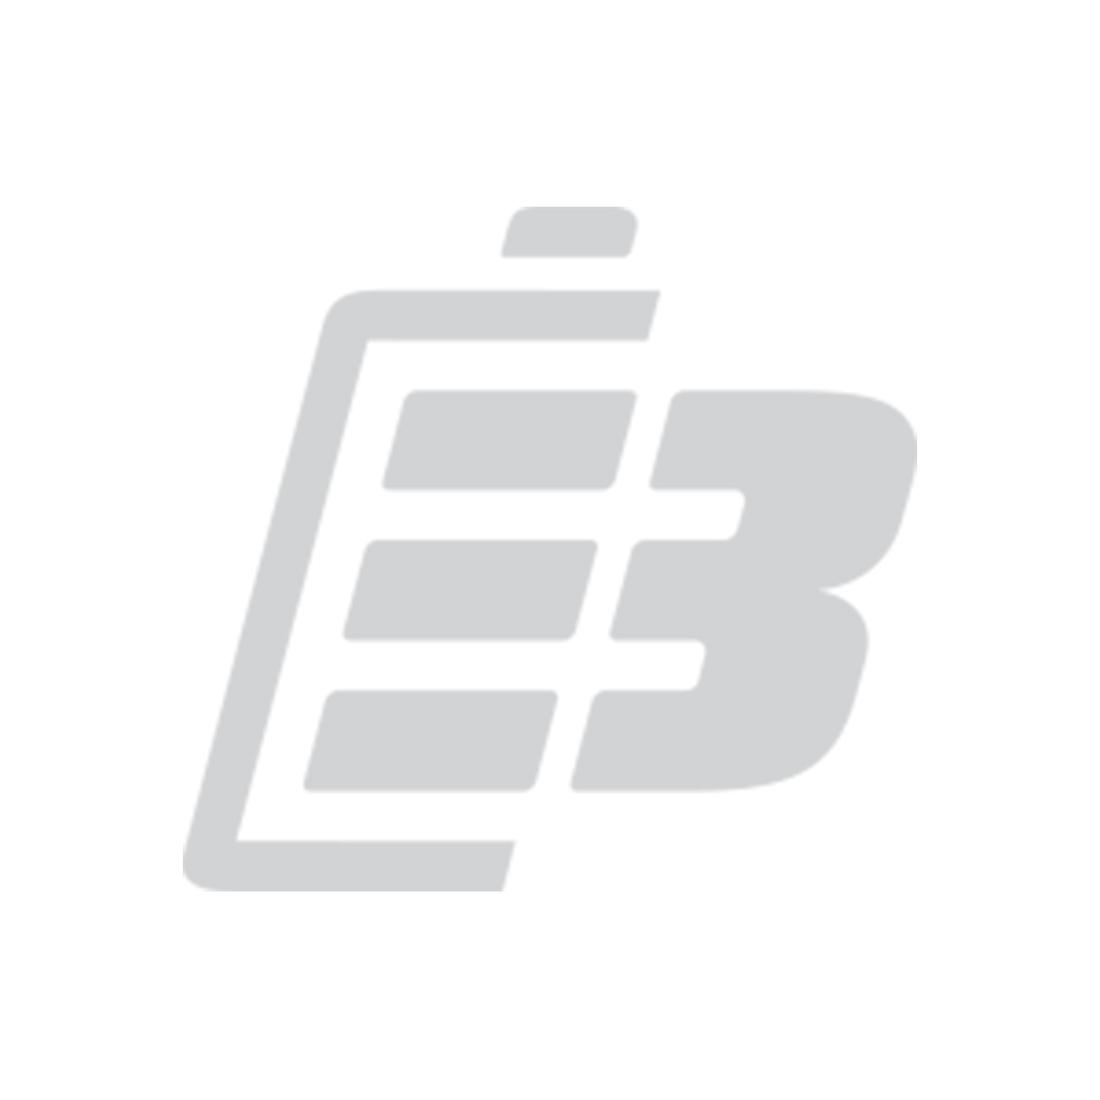 Μπαταρία PDA HP iPAQ 900_1